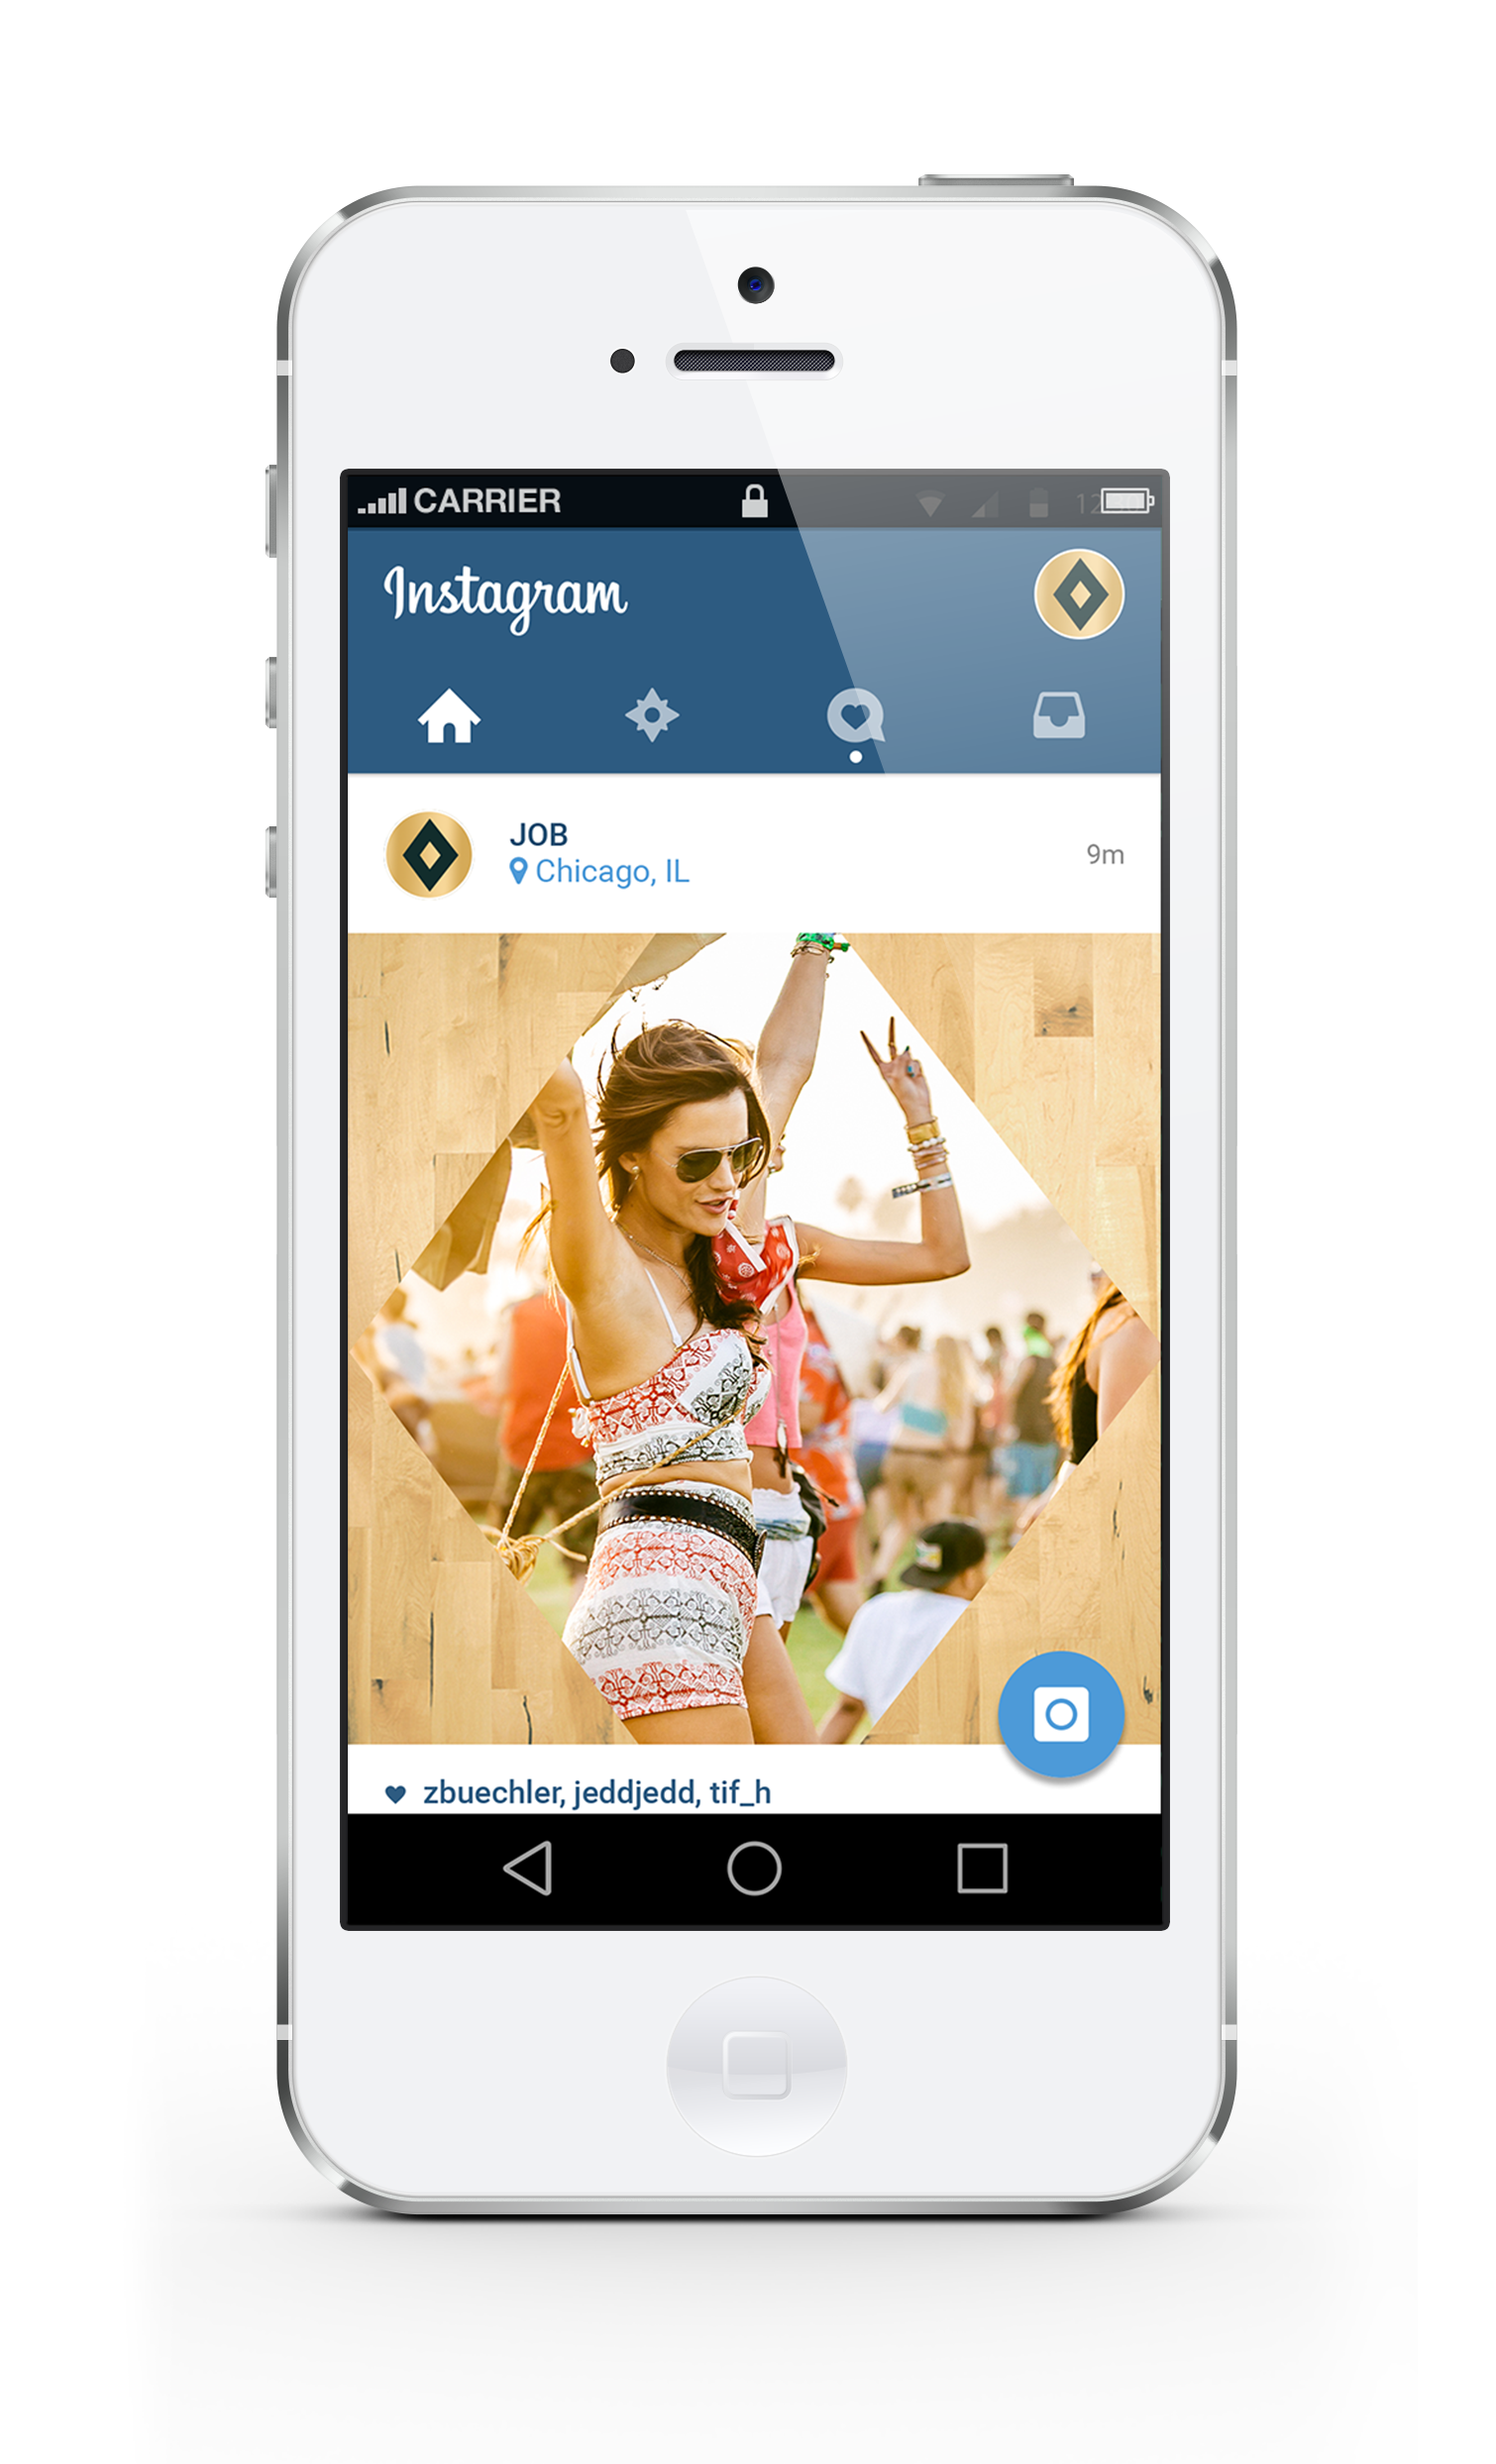 JOB_Iphone_Instagram.png